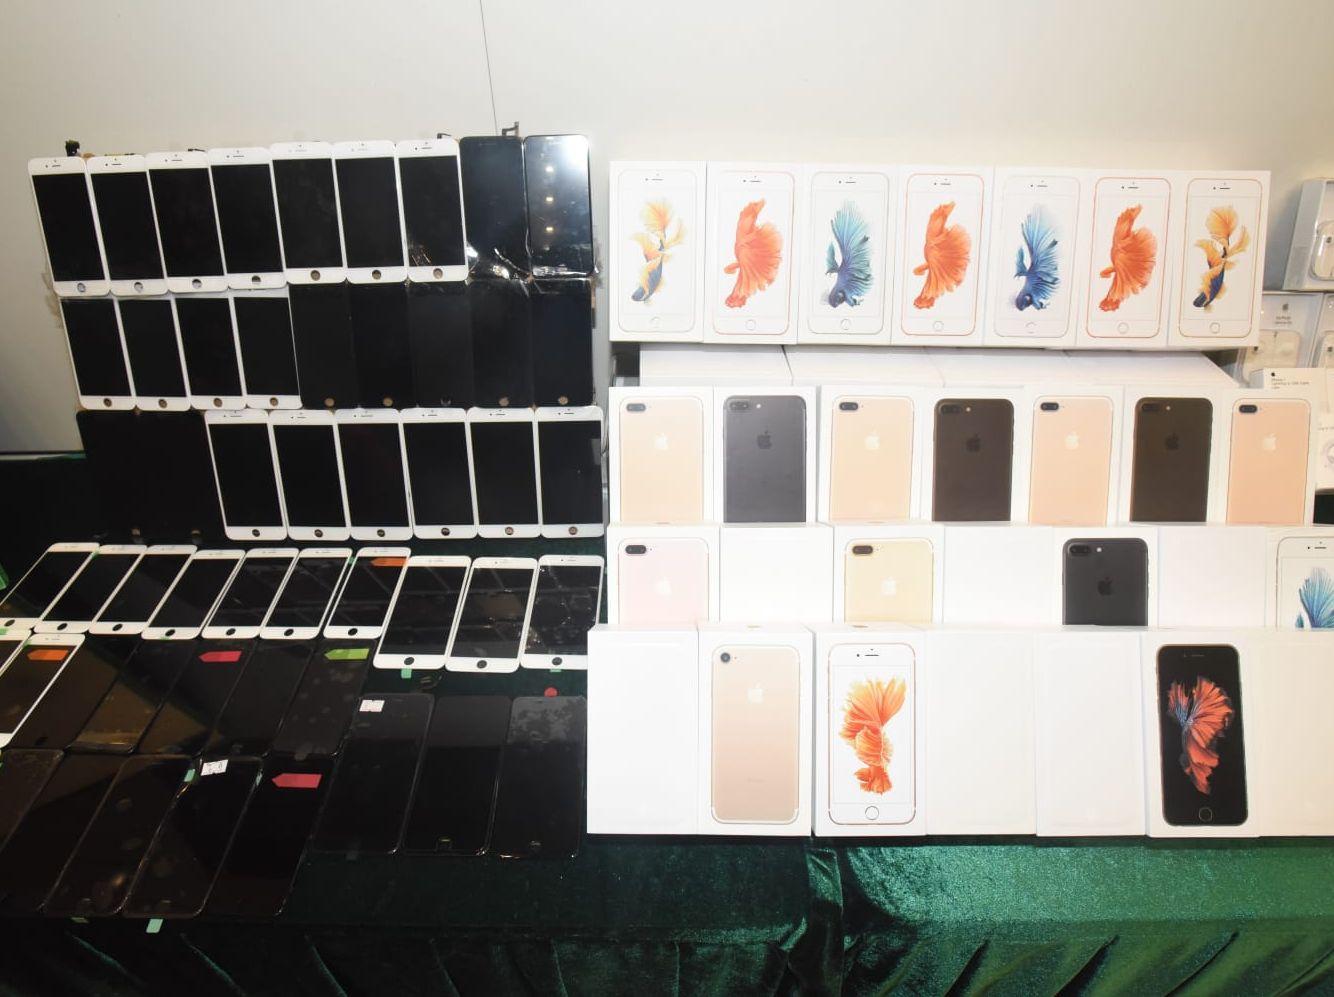 海關共檢獲3300件懷疑冒牌智能電話及配件,估計市值約100萬元。